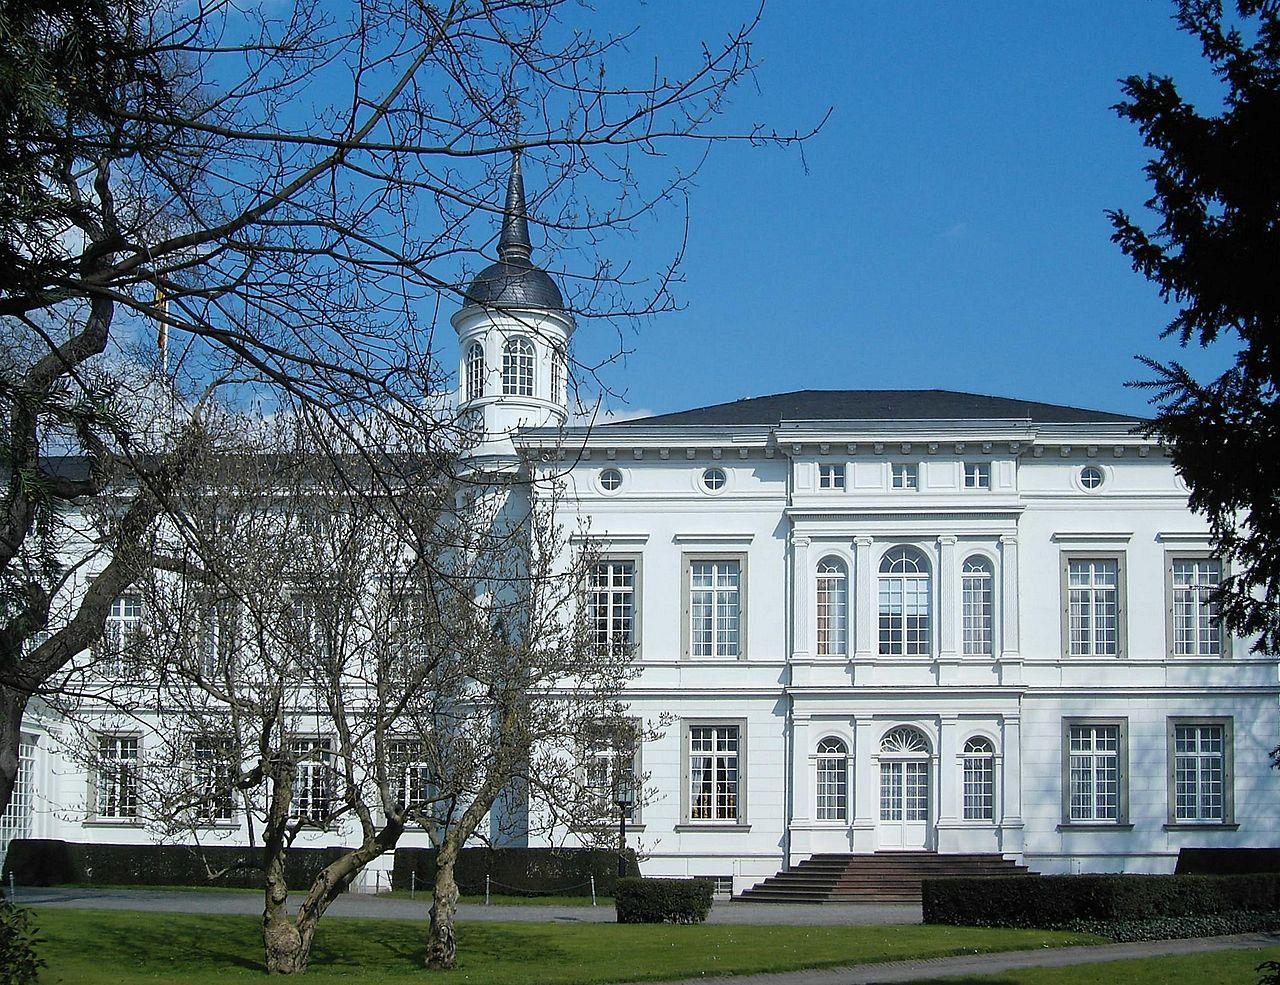 Bild Palais Schaumburg Bonn